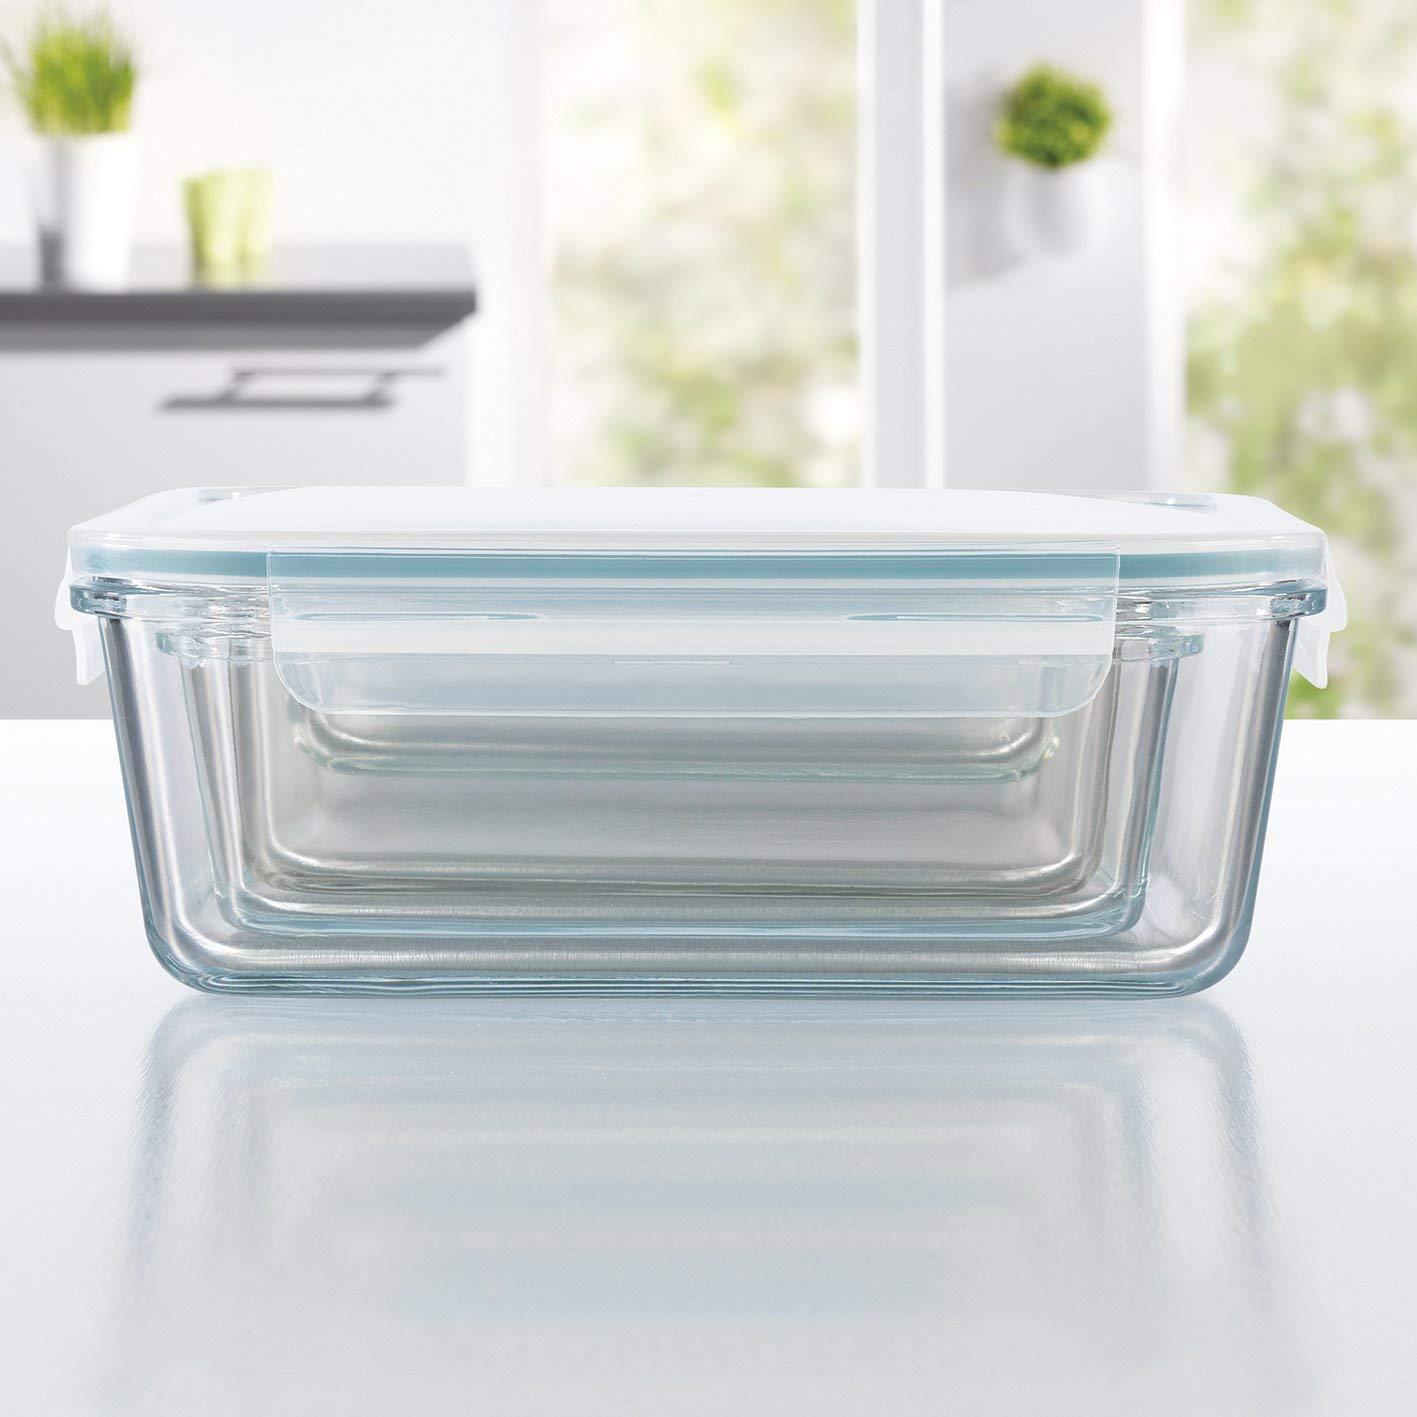 GOURMETmaxx Contenedores de almacenamiento de vidrio con tapa para alimentos Transparente sistema de clic Paquete de 8